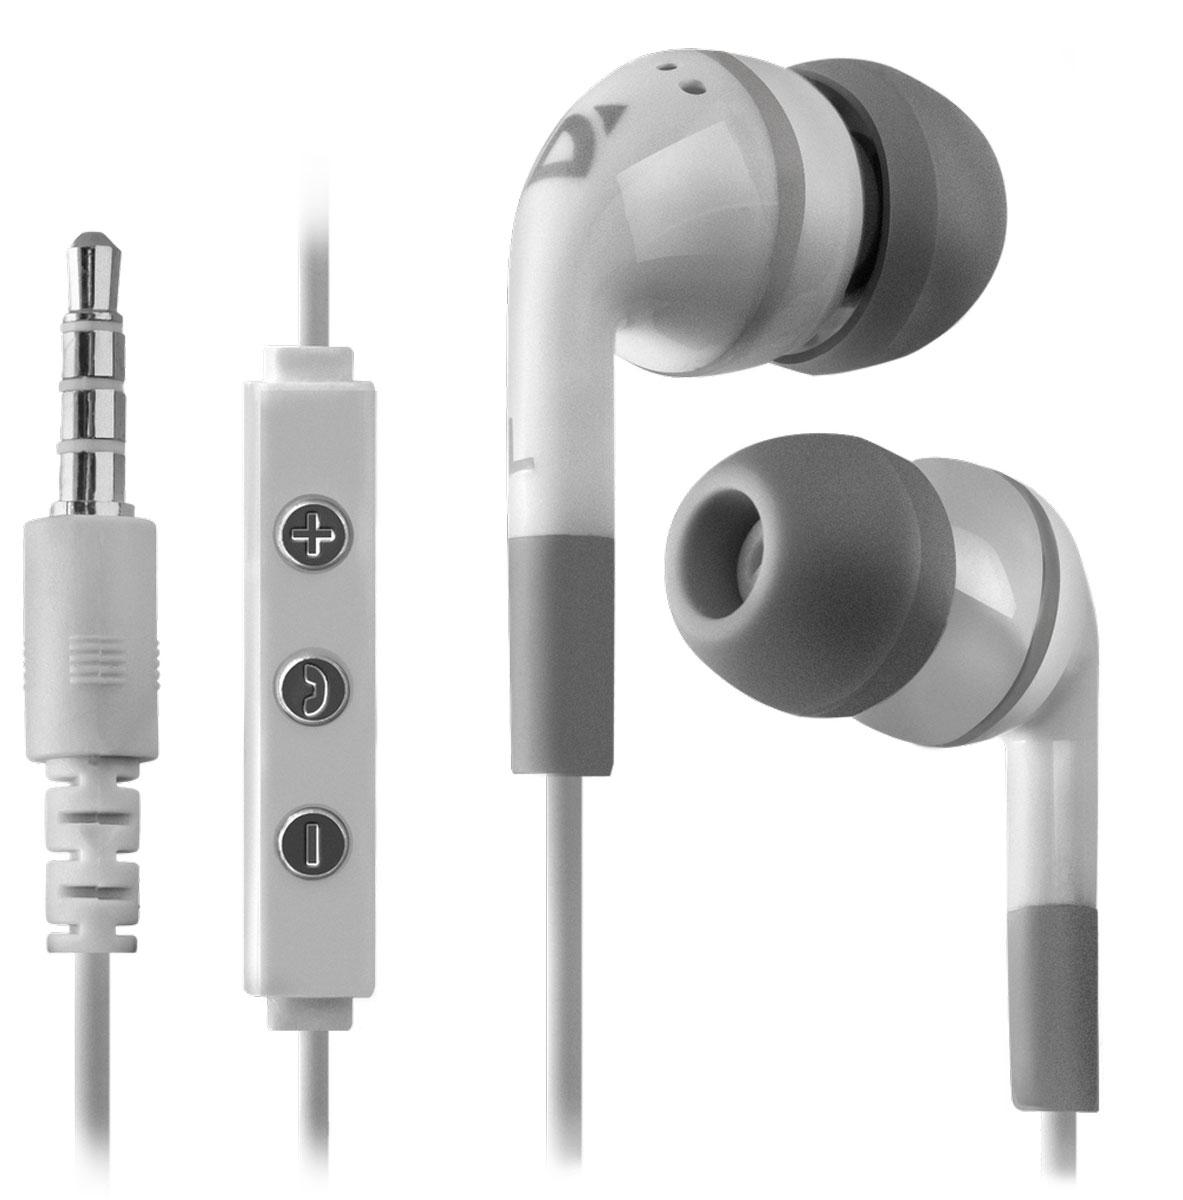 Defender Pulse 451, White гарнитура63451Defender Pulse 451 - отличный выбор для повседневного использования, в том числе, в общественном транспорте, на улице и в шумных помещениях, благодаря хорошей звукоизоляции. Гарнитура имеет встроенный пульт и микрофон для быстрого переключения между музыкой и вызовами. Подключив её к своему смартфону вы сможете не только наслаждаться любимой музыкой, но и с легкостью ответить на звонок, не доставая гаджет. Пульт работают только с продуктами от Apple (iPhone/iPod/iPad).